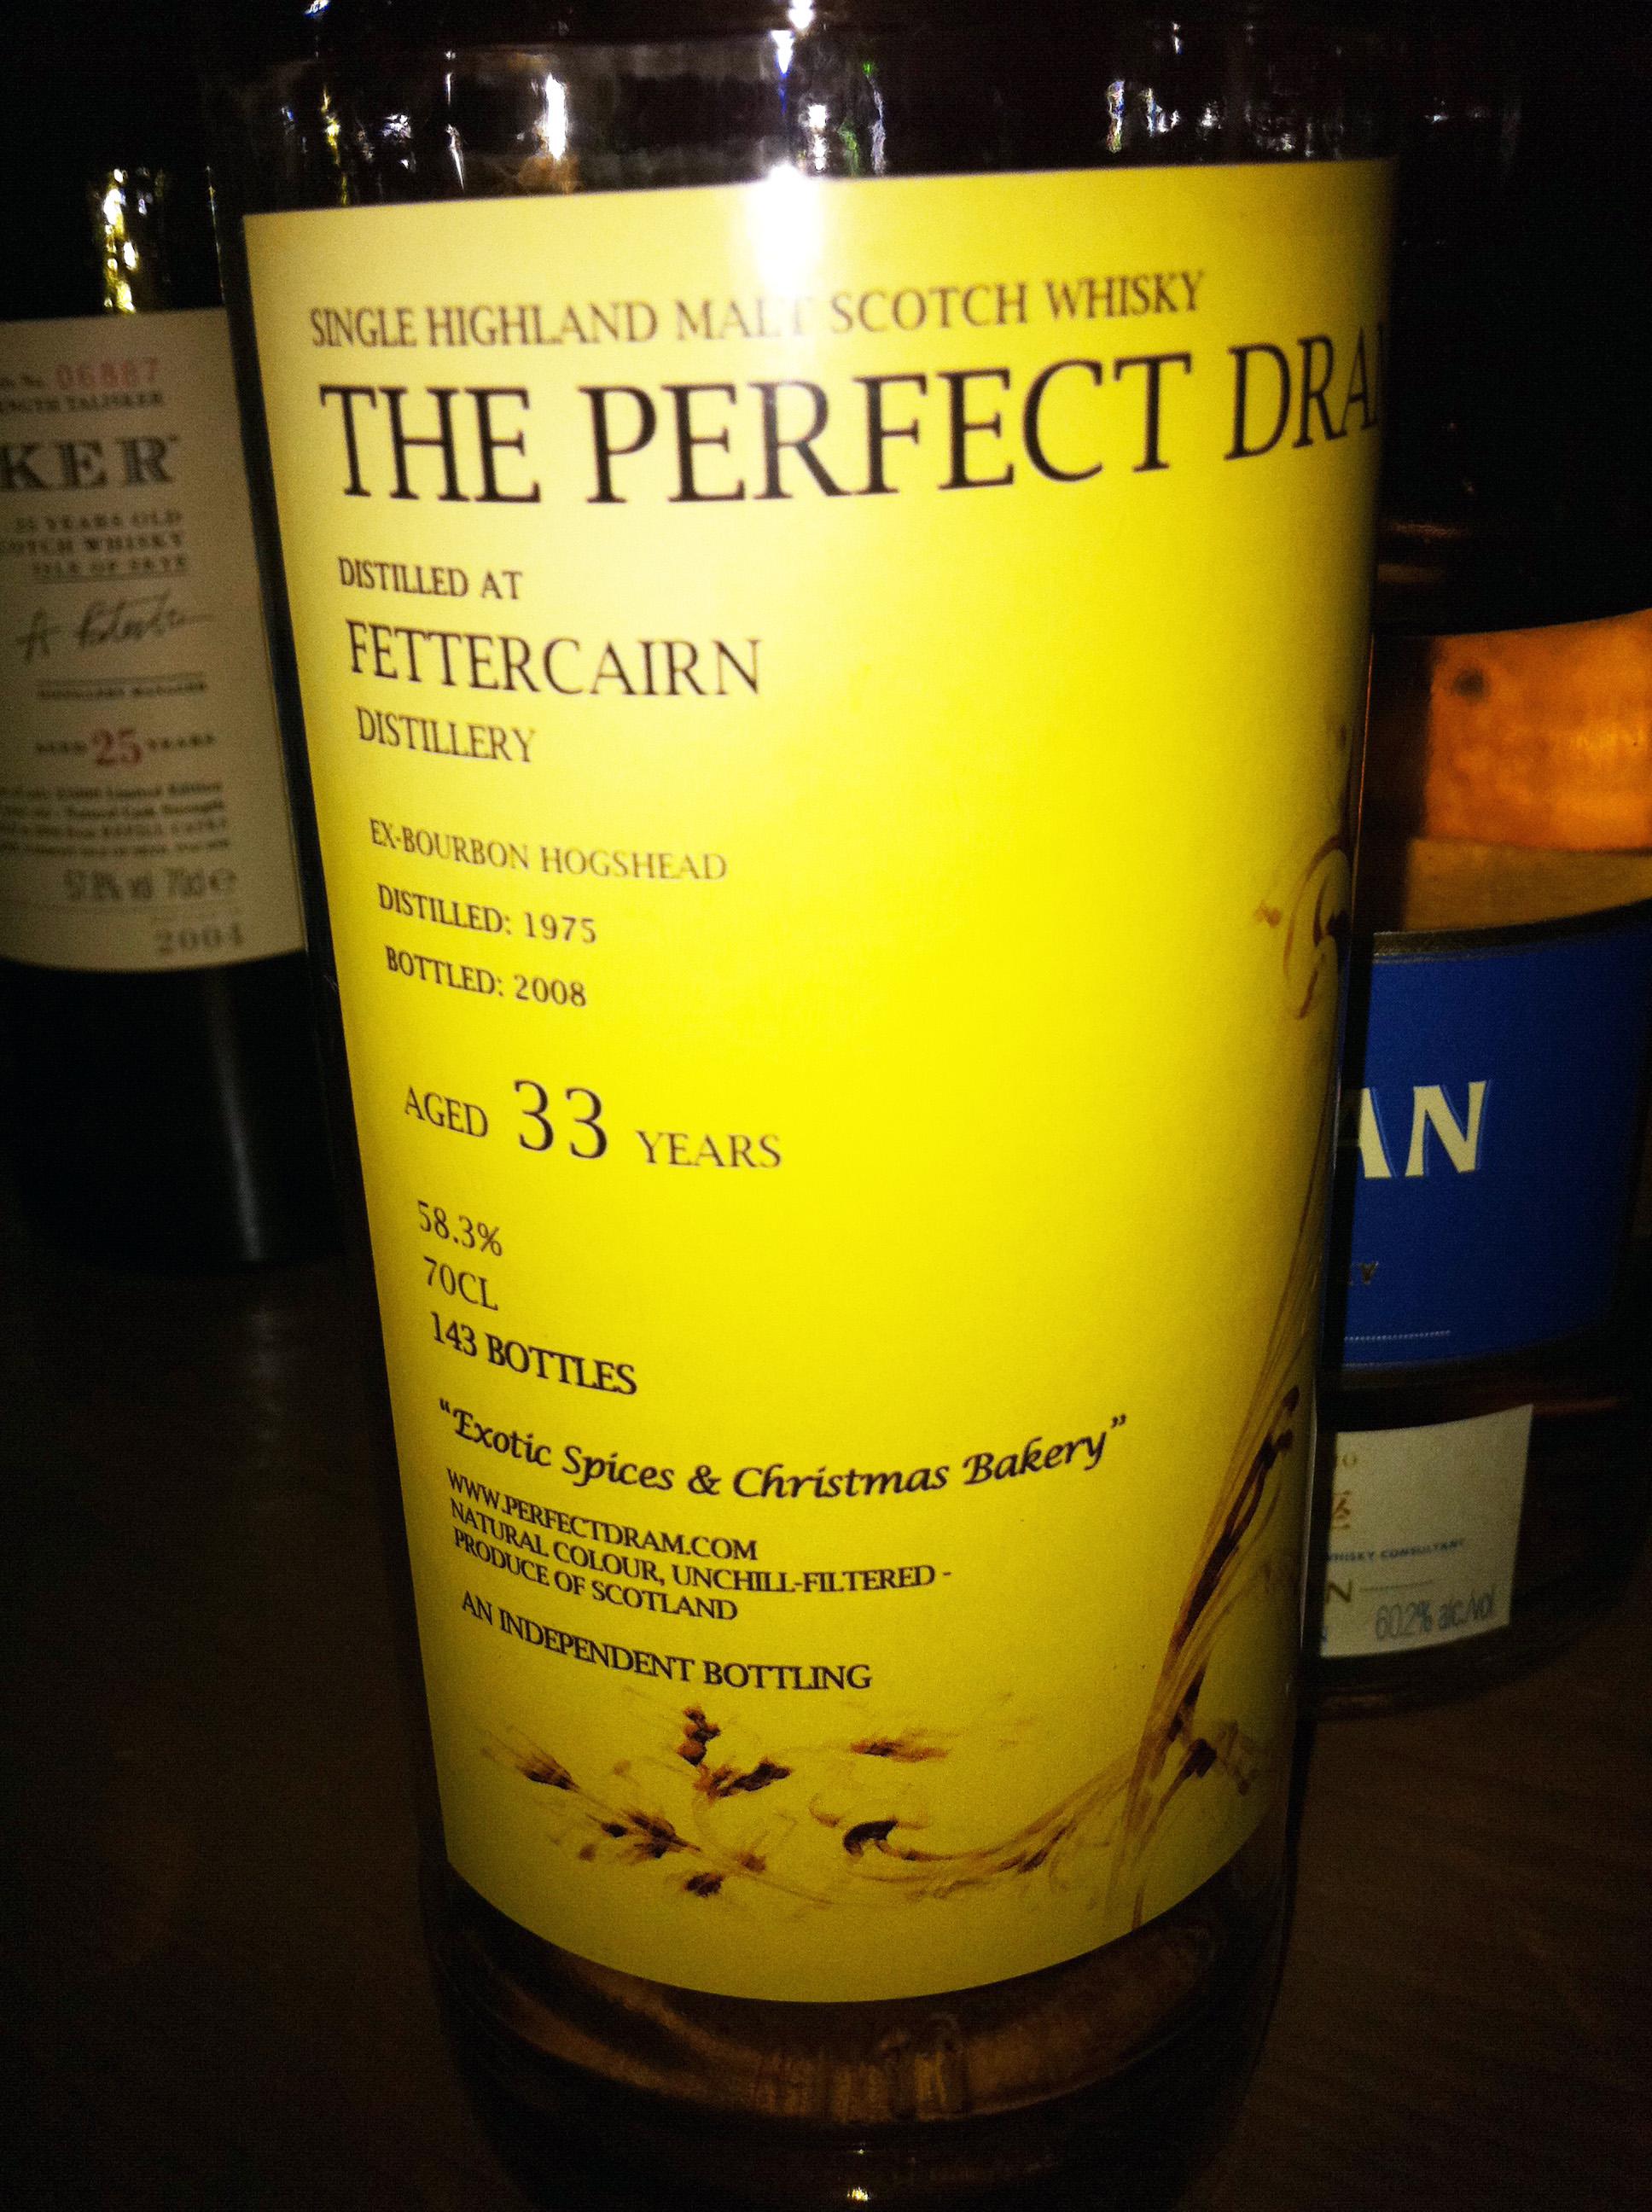 フェッターケン Fettercairn 33yo 1975/2008 (58.3%, The Perfect Dram, 143 Bts.)